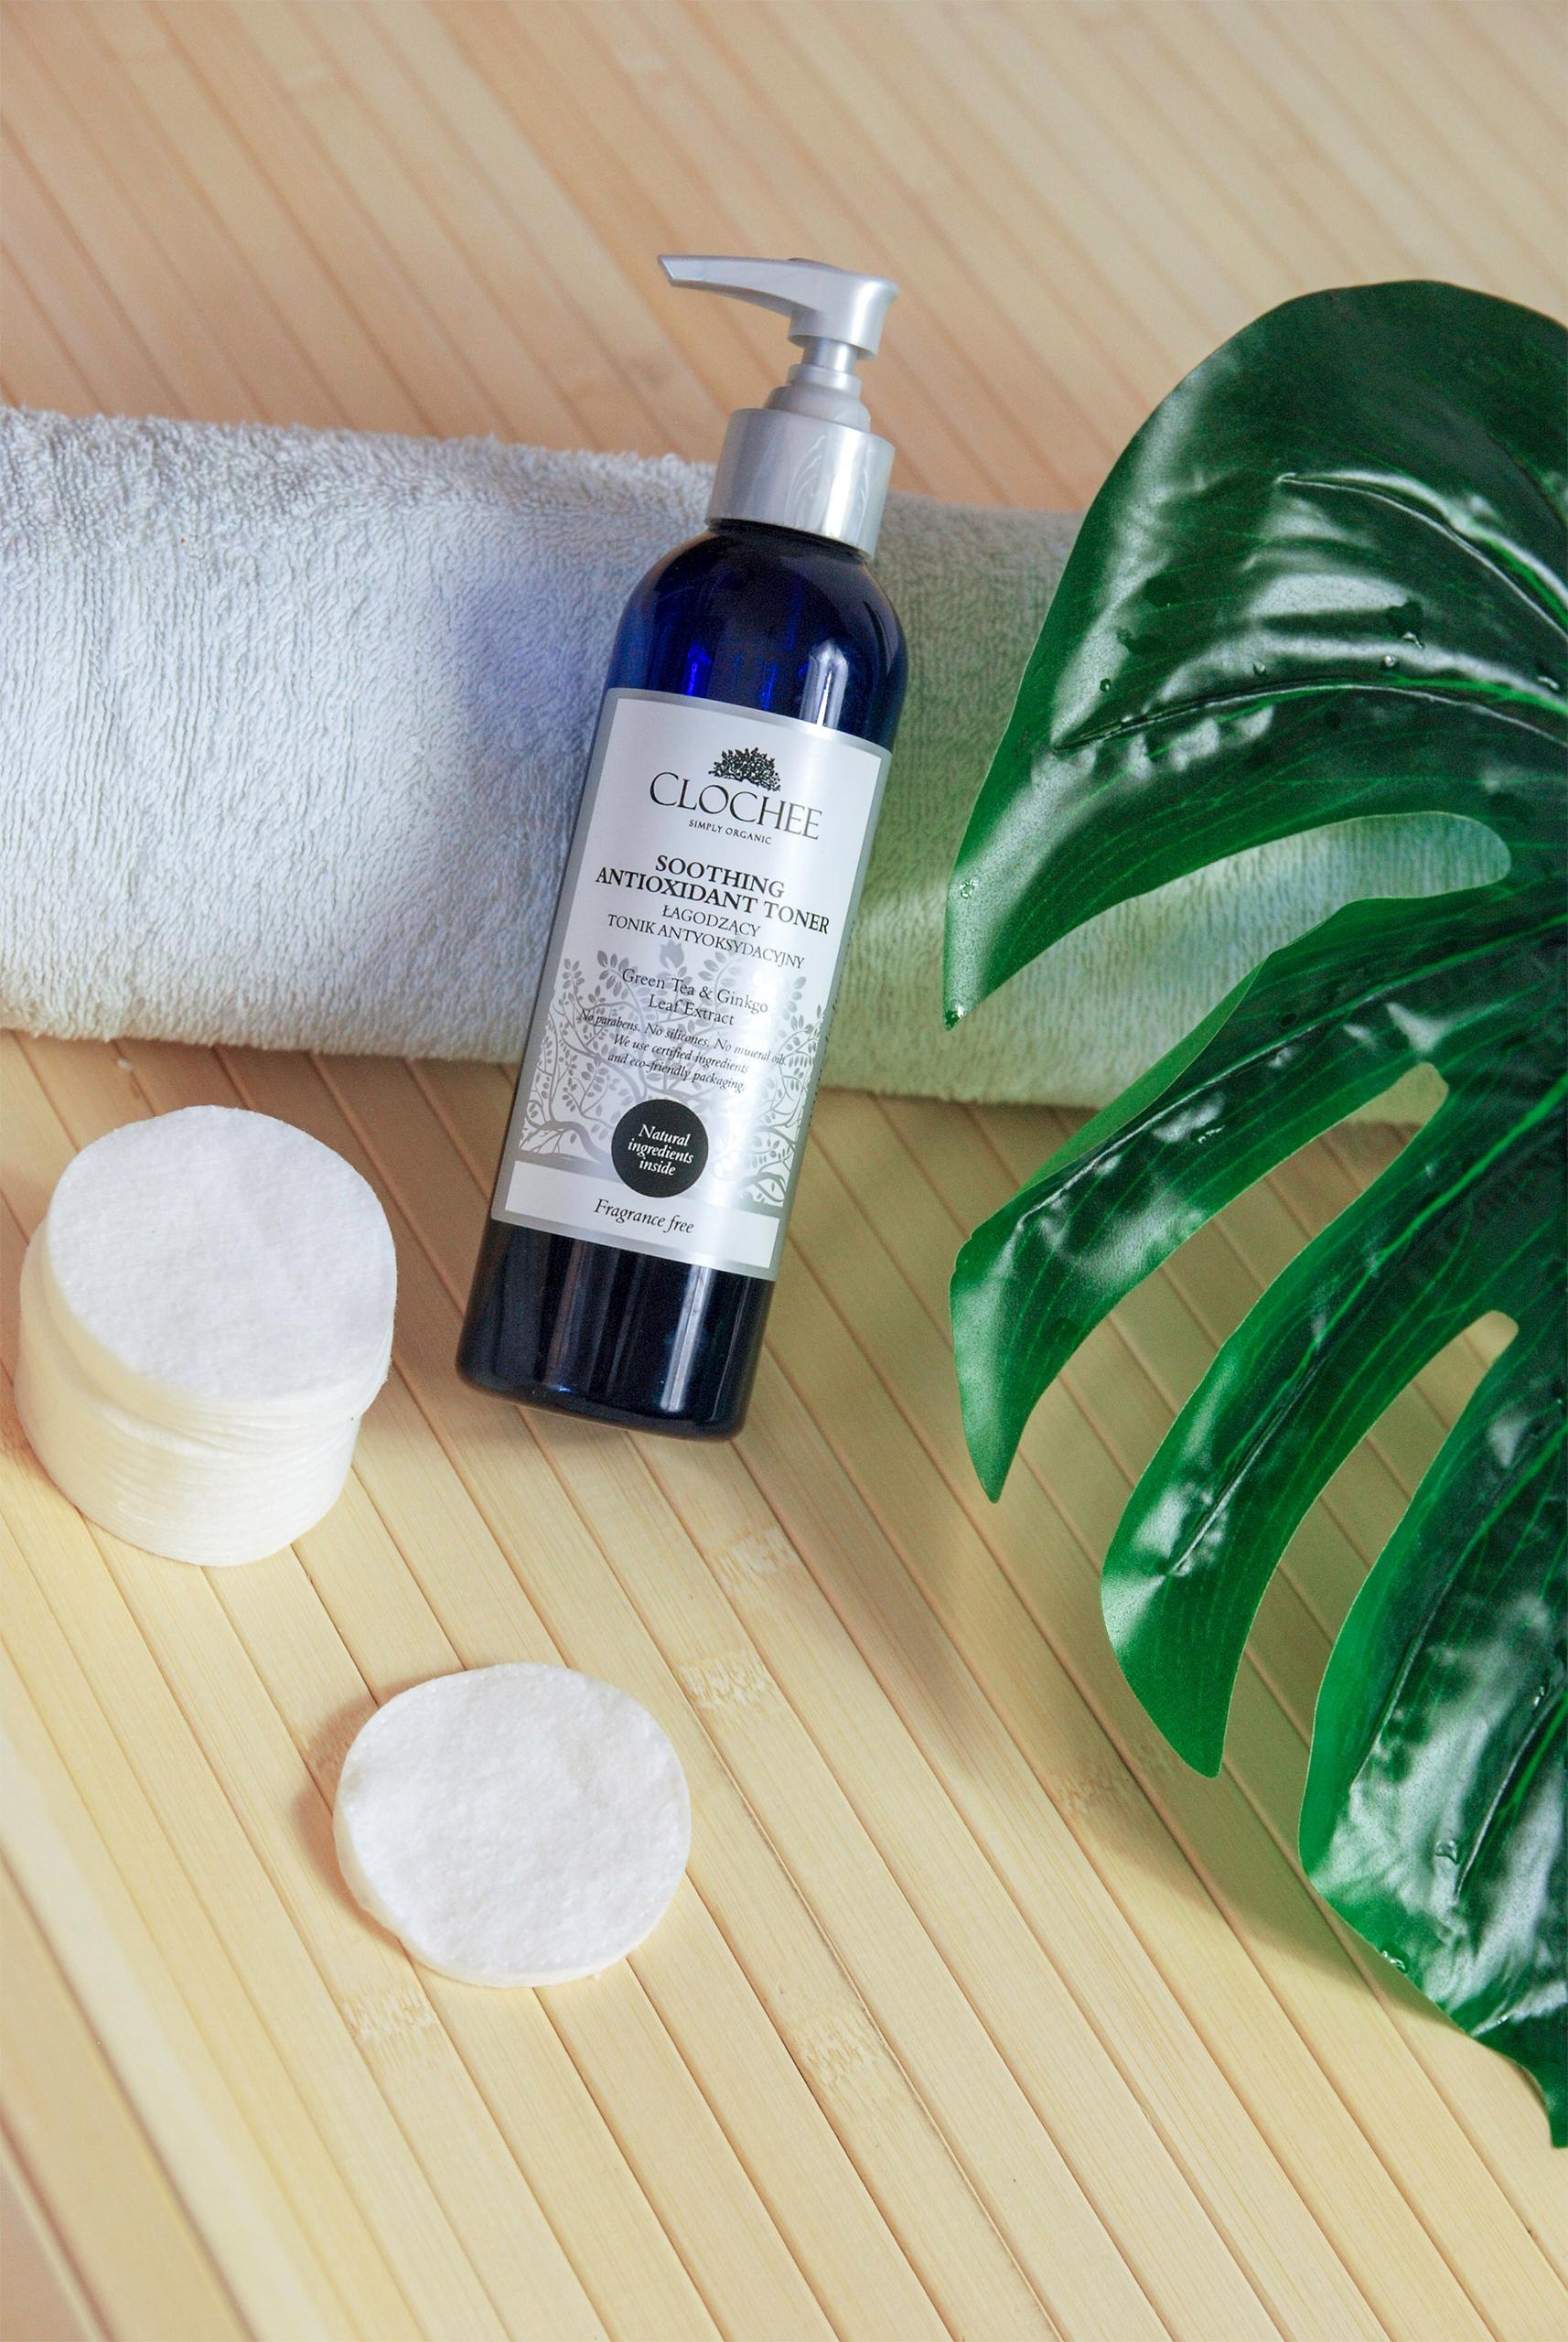 Zdjęcie przedstawia kosmetyk w otoczeniu wacików kosmetycznych, zielonej rośliny, ręcznika. Całość na drewnianym podłożu.